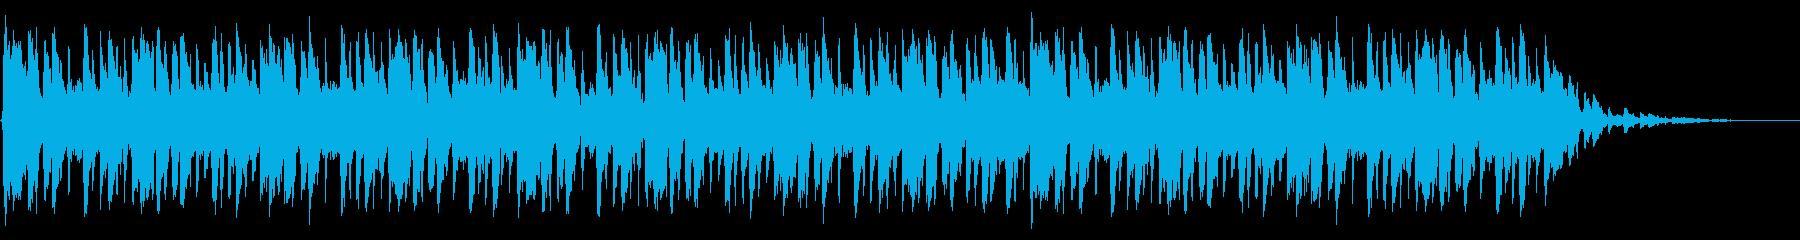 ショートBGM:ファンク-Aの再生済みの波形